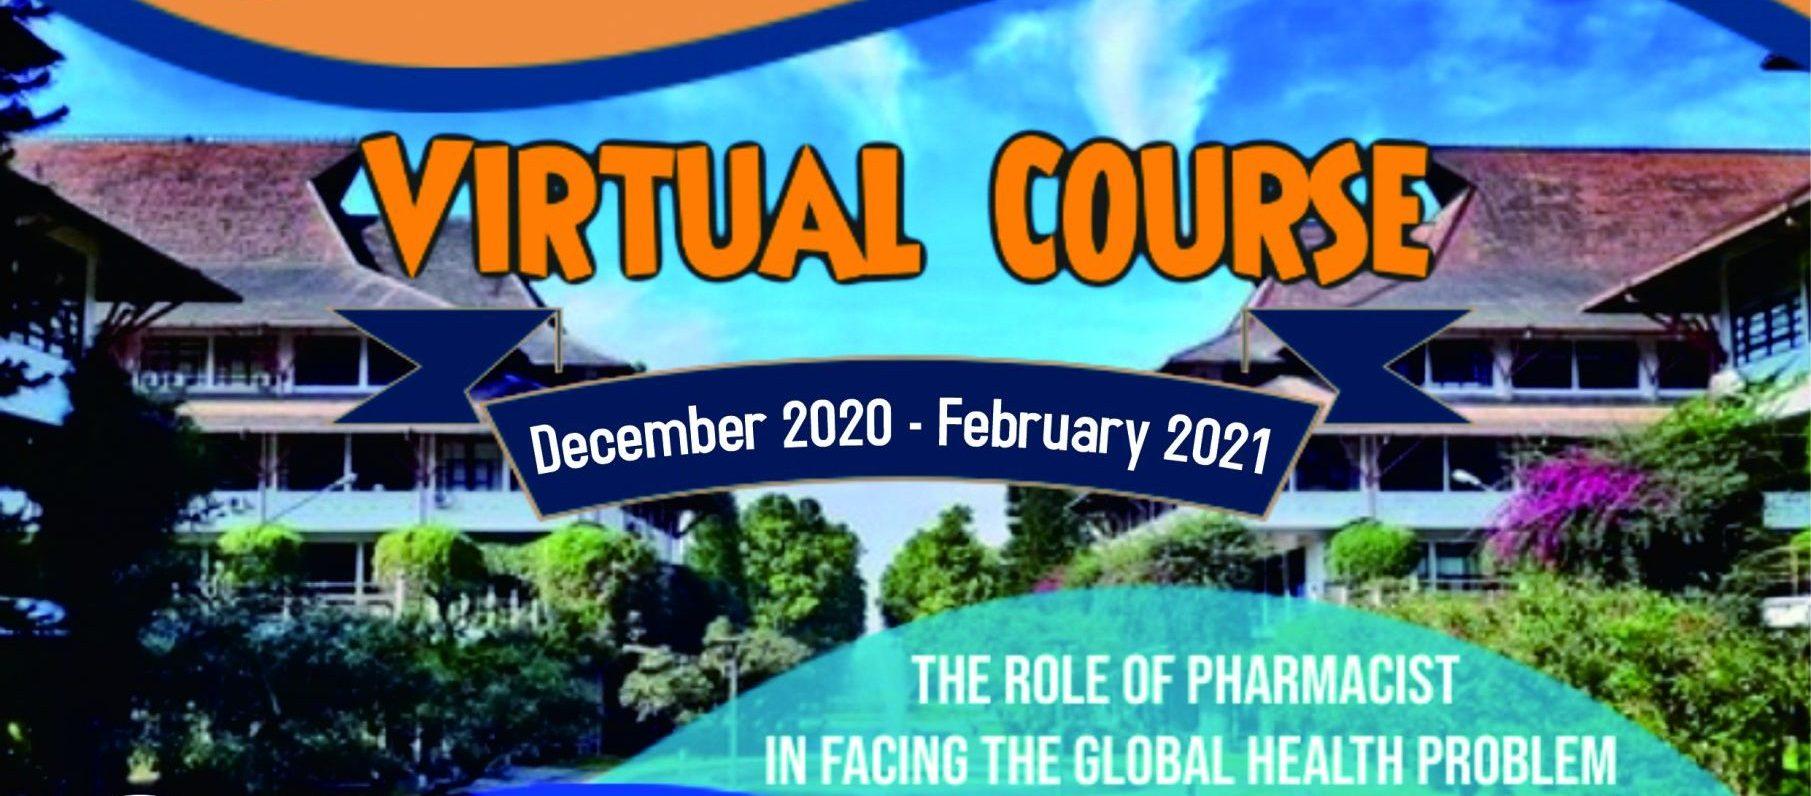 Virtual Course 2020